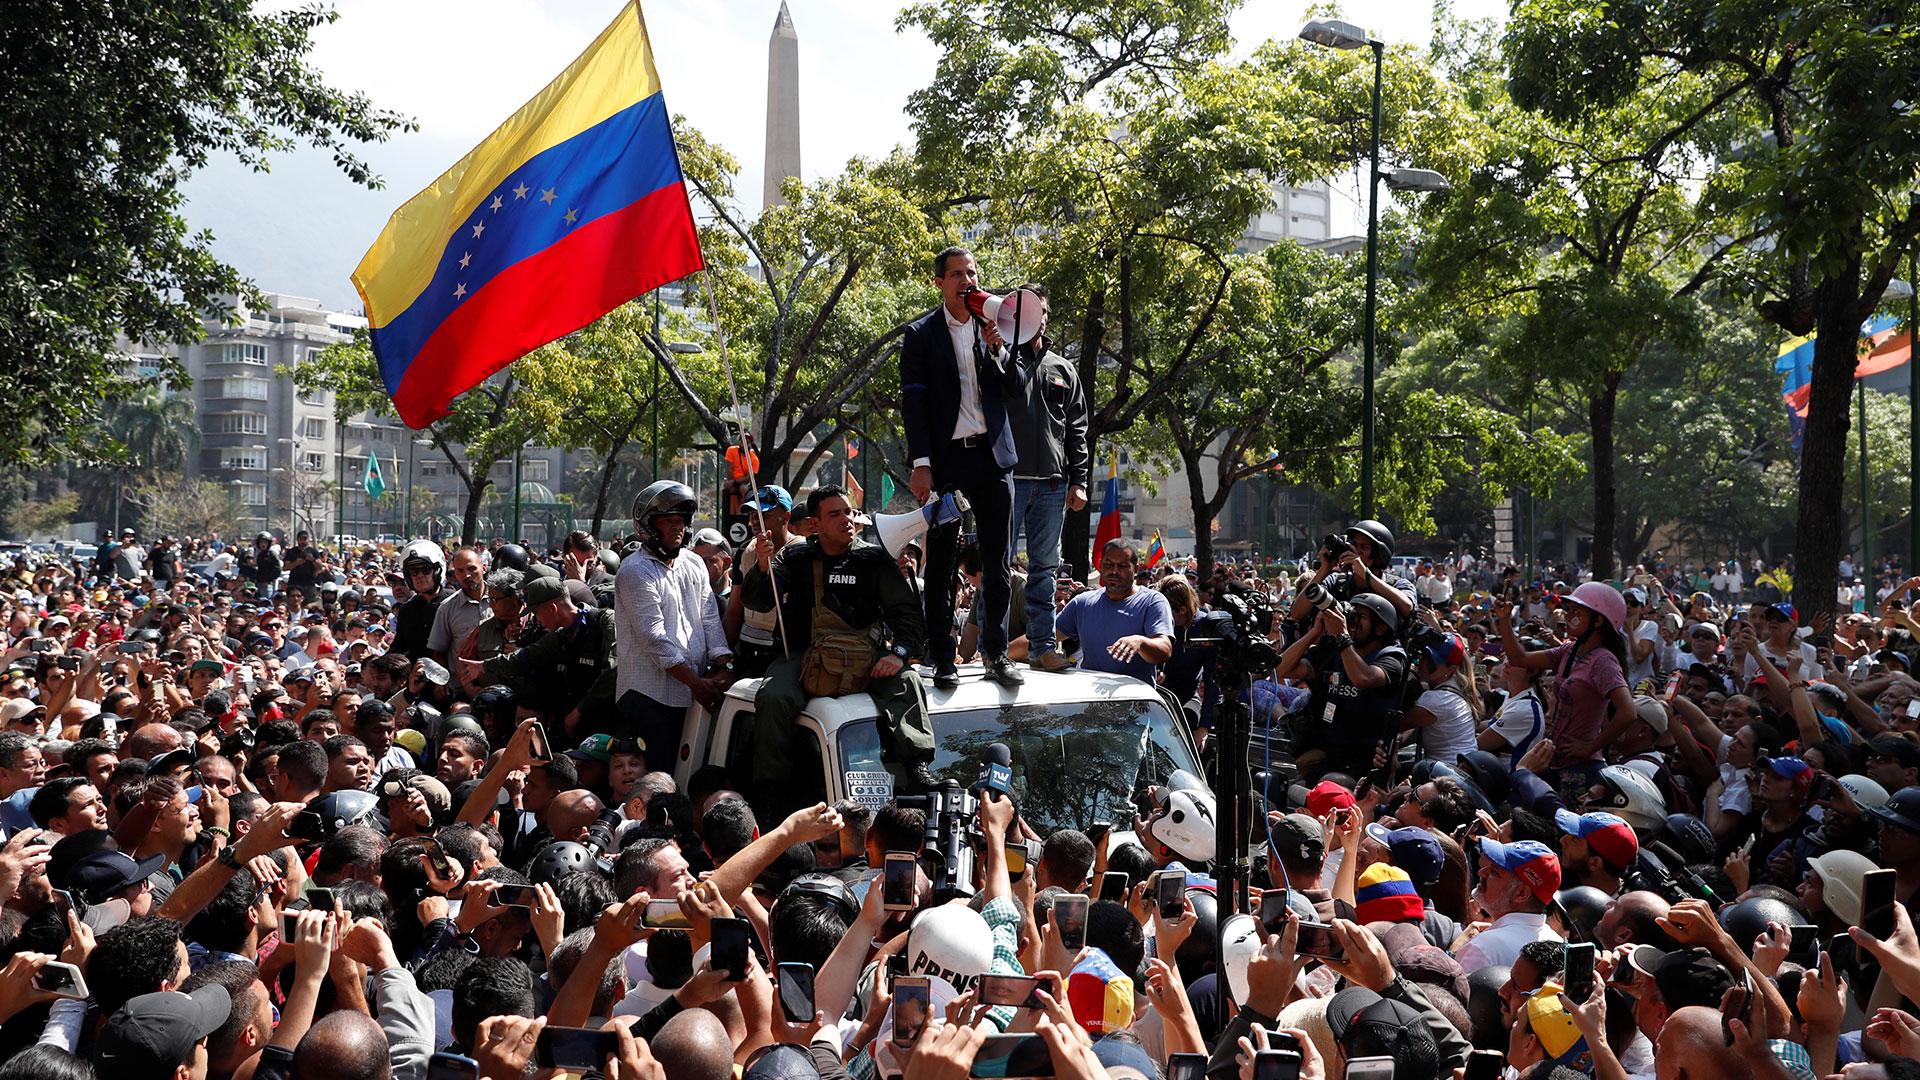 La población venezolana vuelve a movilizarse este miércoles 1 de mayo en el día internacional del trabajador